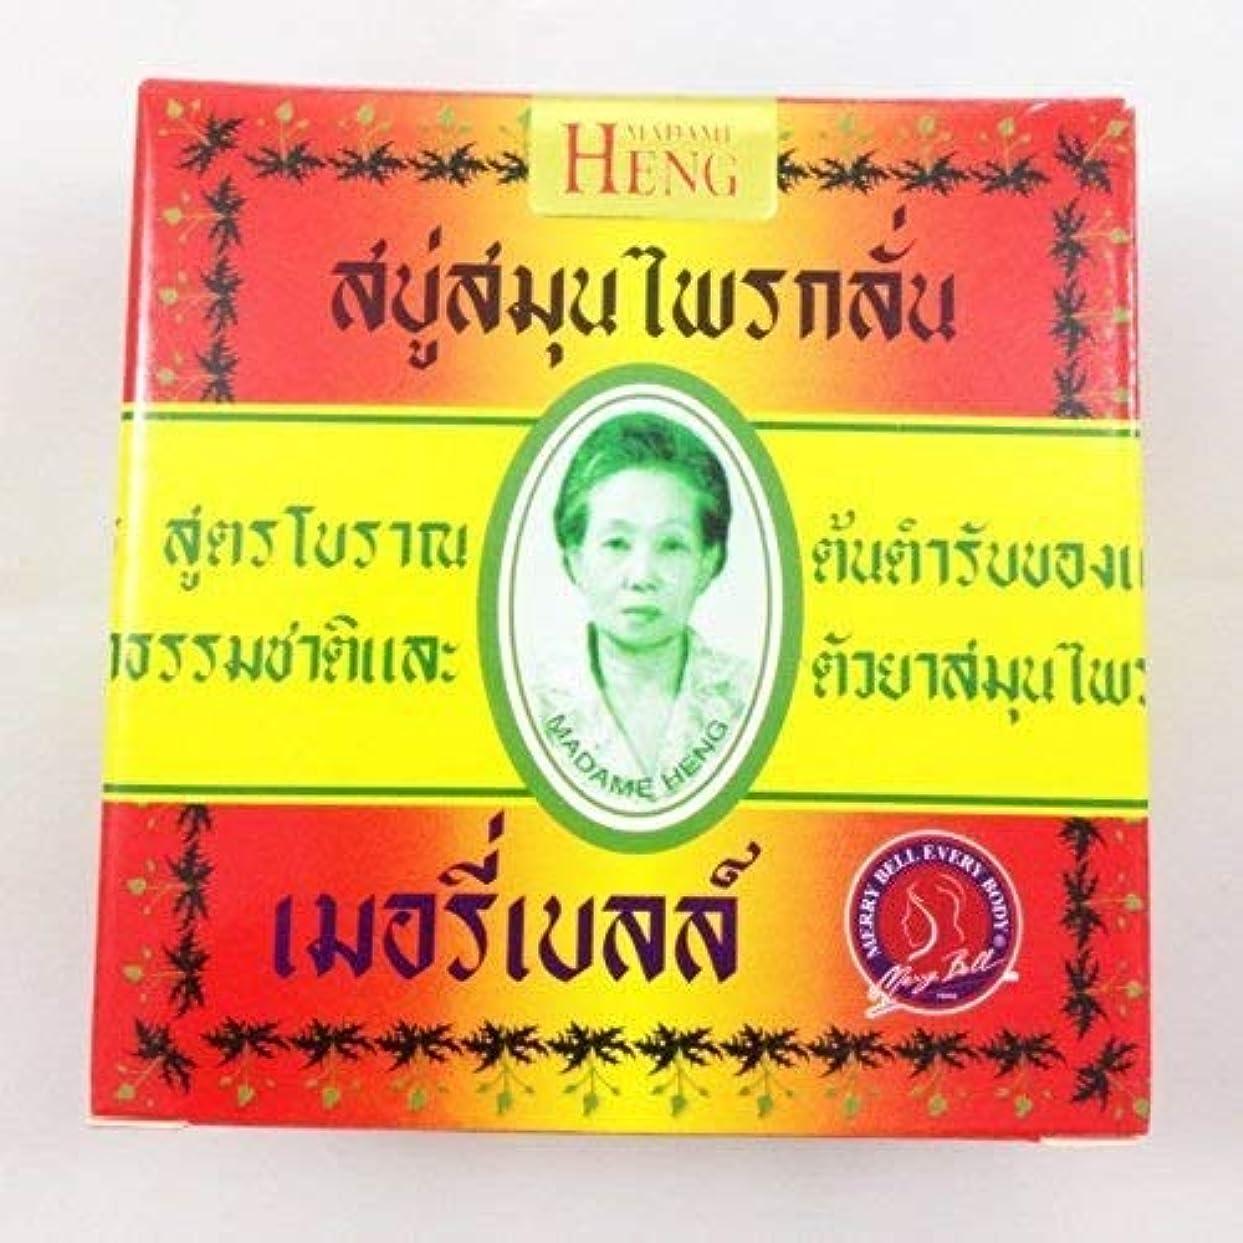 迷惑センチメートル発明するMadame Heng Thai Original Natural Herbal Soap Bar Made in Thailand 160gx2pcs by Ni Yom Thai shop